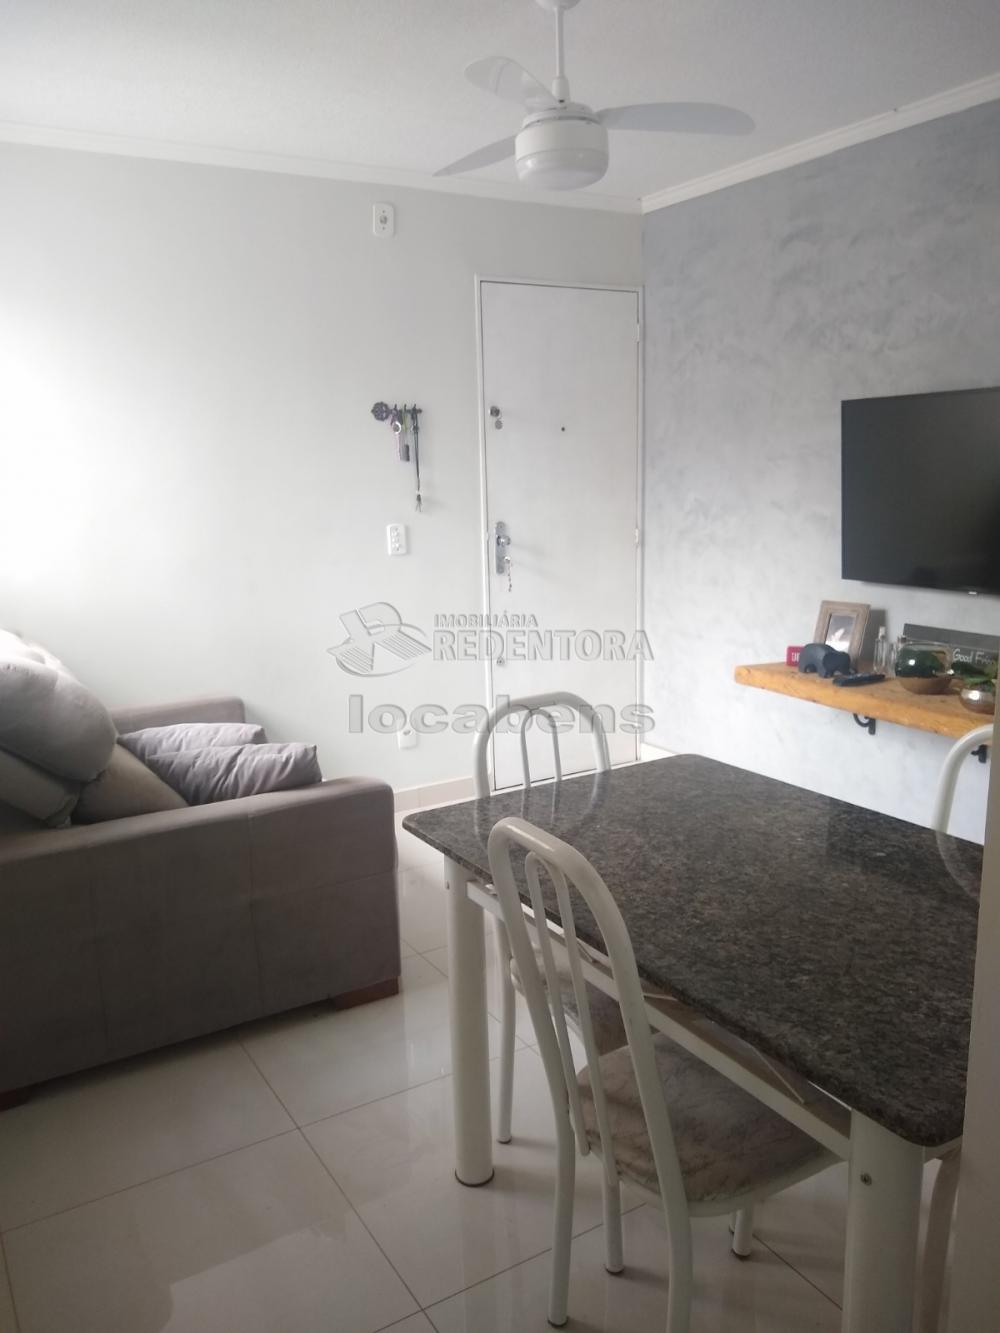 Comprar Apartamento / Padrão em São José do Rio Preto R$ 165.000,00 - Foto 13